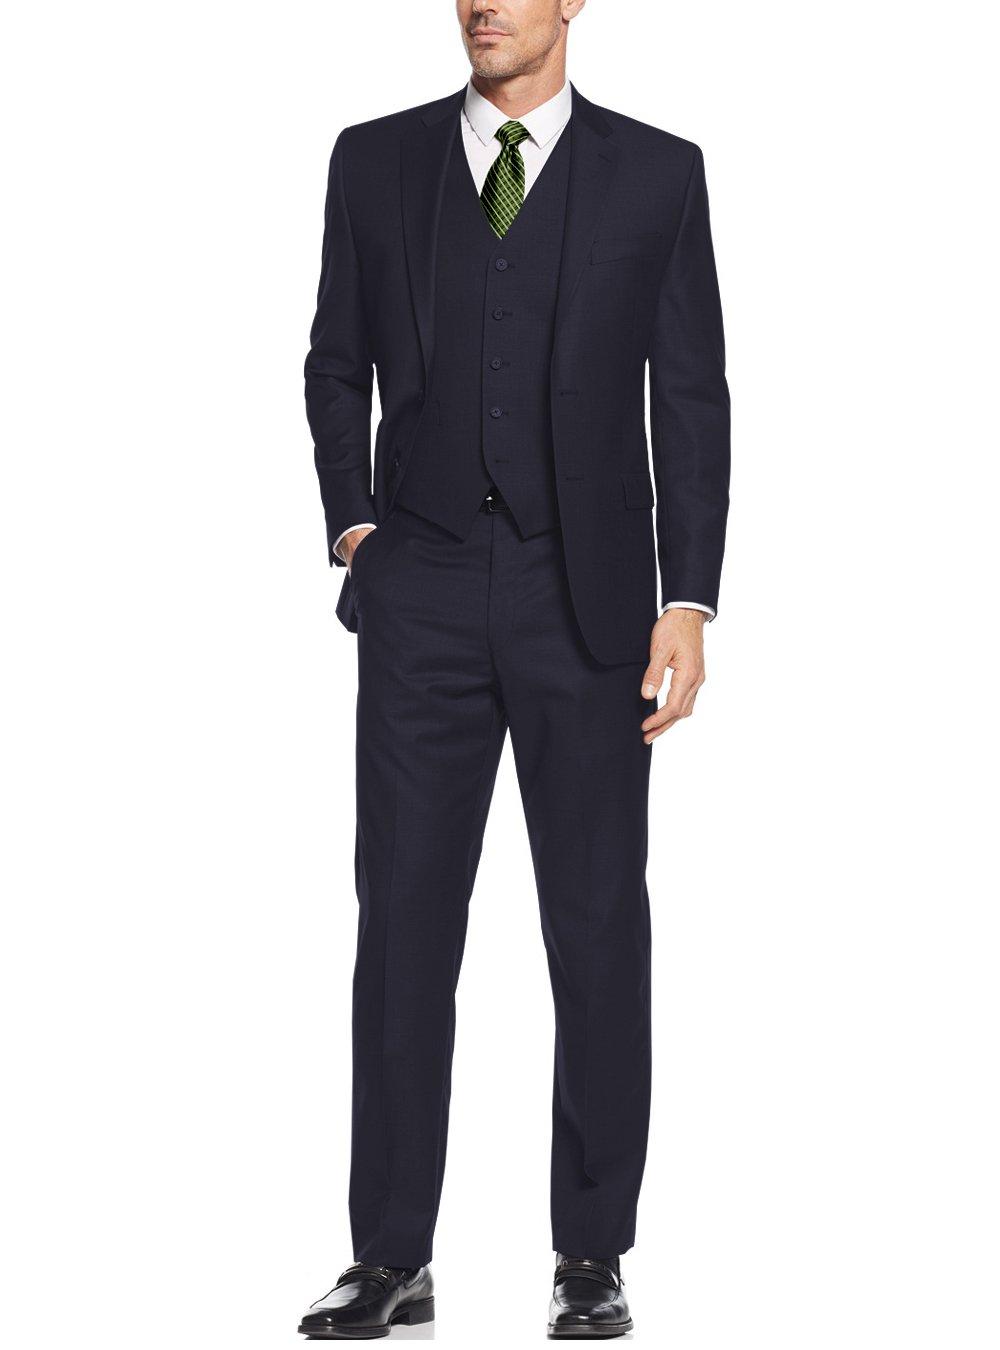 Salvatore Exte Mens Suit Vested Three Piece Blazer Jacket Dress Vest Plus Pants (48 Long US / 58L EU/W 42'', Navy) by Salvatore Exte